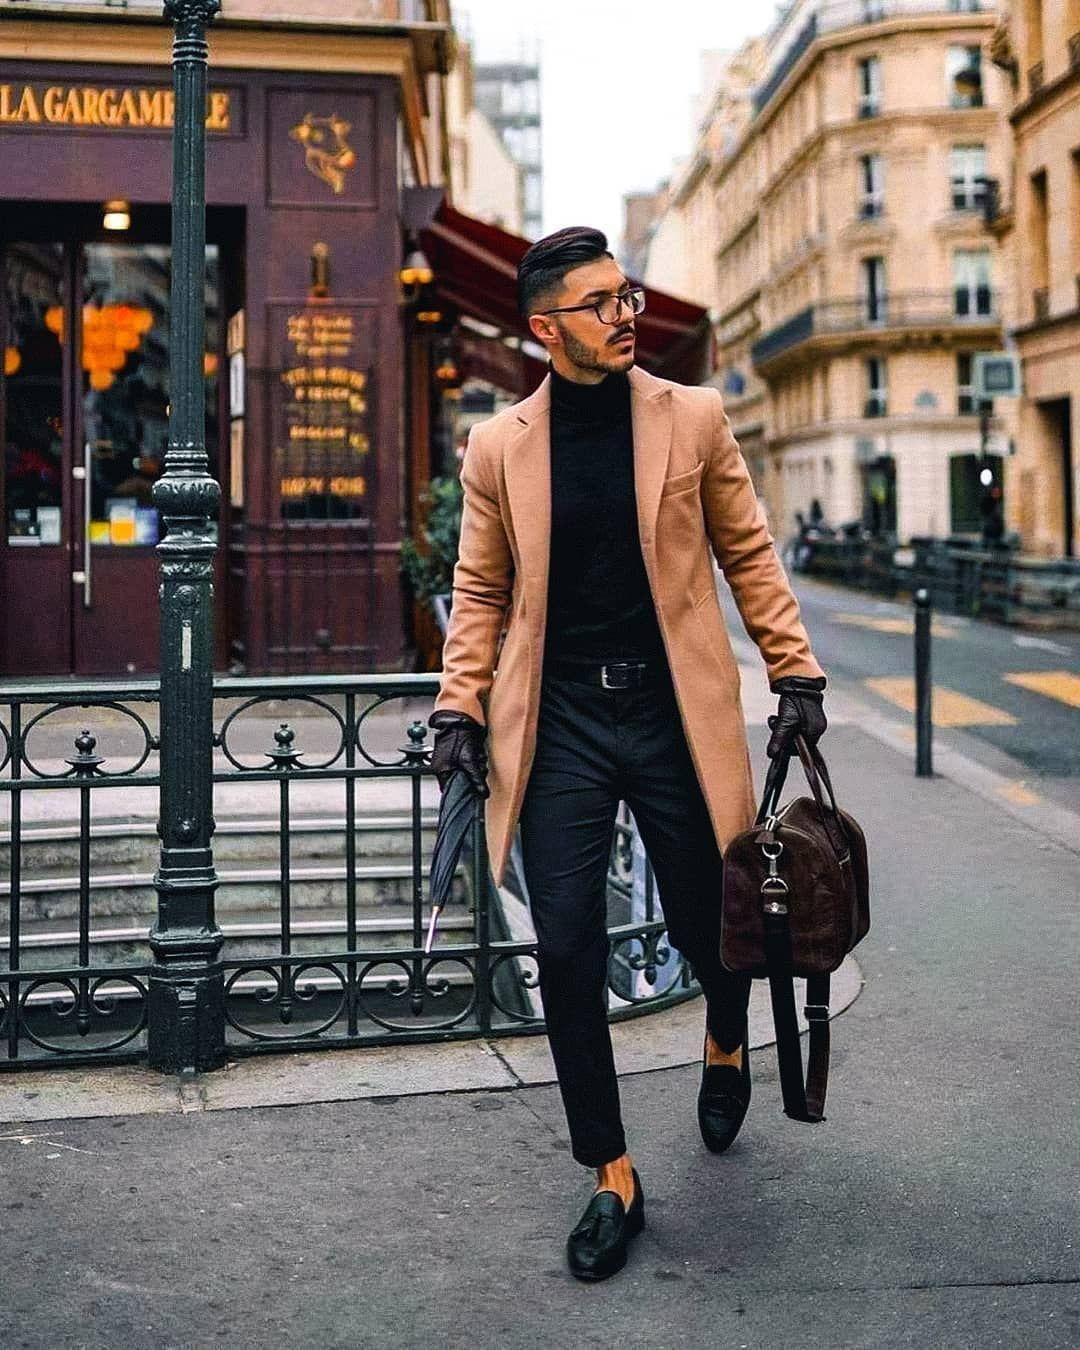 Handsome Man Photo Handsome Man Walking Handsome Man Autumn Man Brown Coat Man Style Photo Mens Fashion Fashion Handsome Men